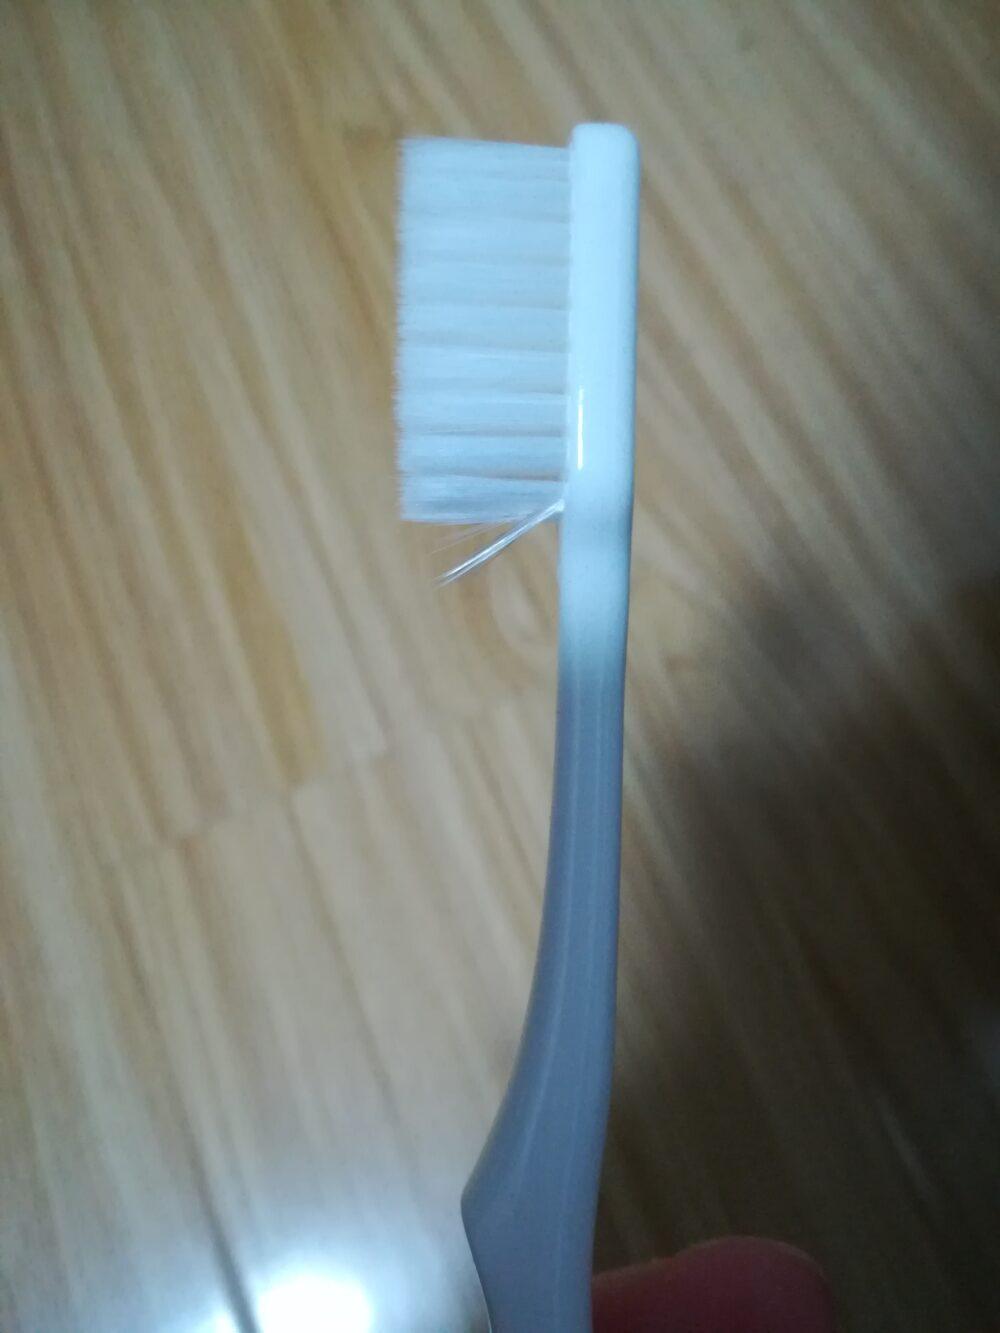 タオバオで歯ブラシを注文をして到着時に確認した際に不良品が発覚した時のスクリーンショットの画像